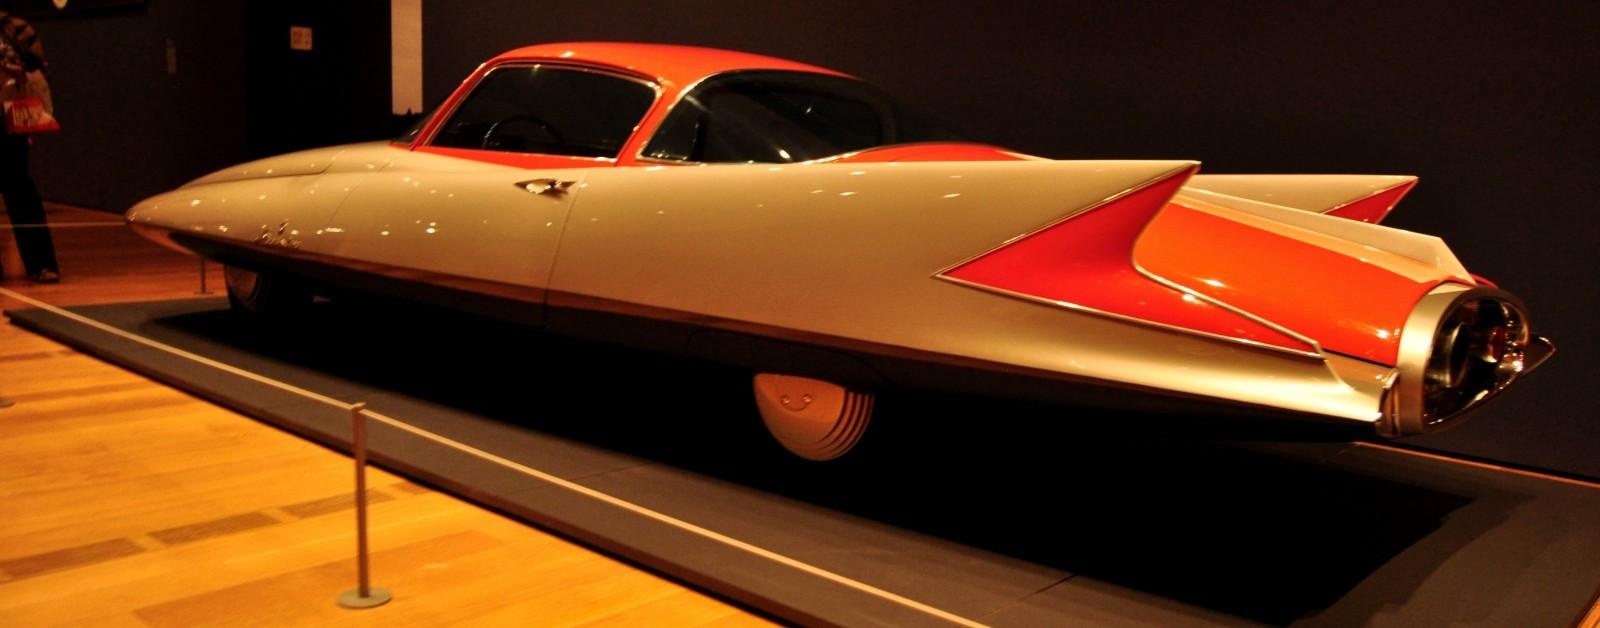 Atlanta Dream Cars - 1955 Chrysler Streamline X Ghilda by GHIA is Turbine Car Ideal 7